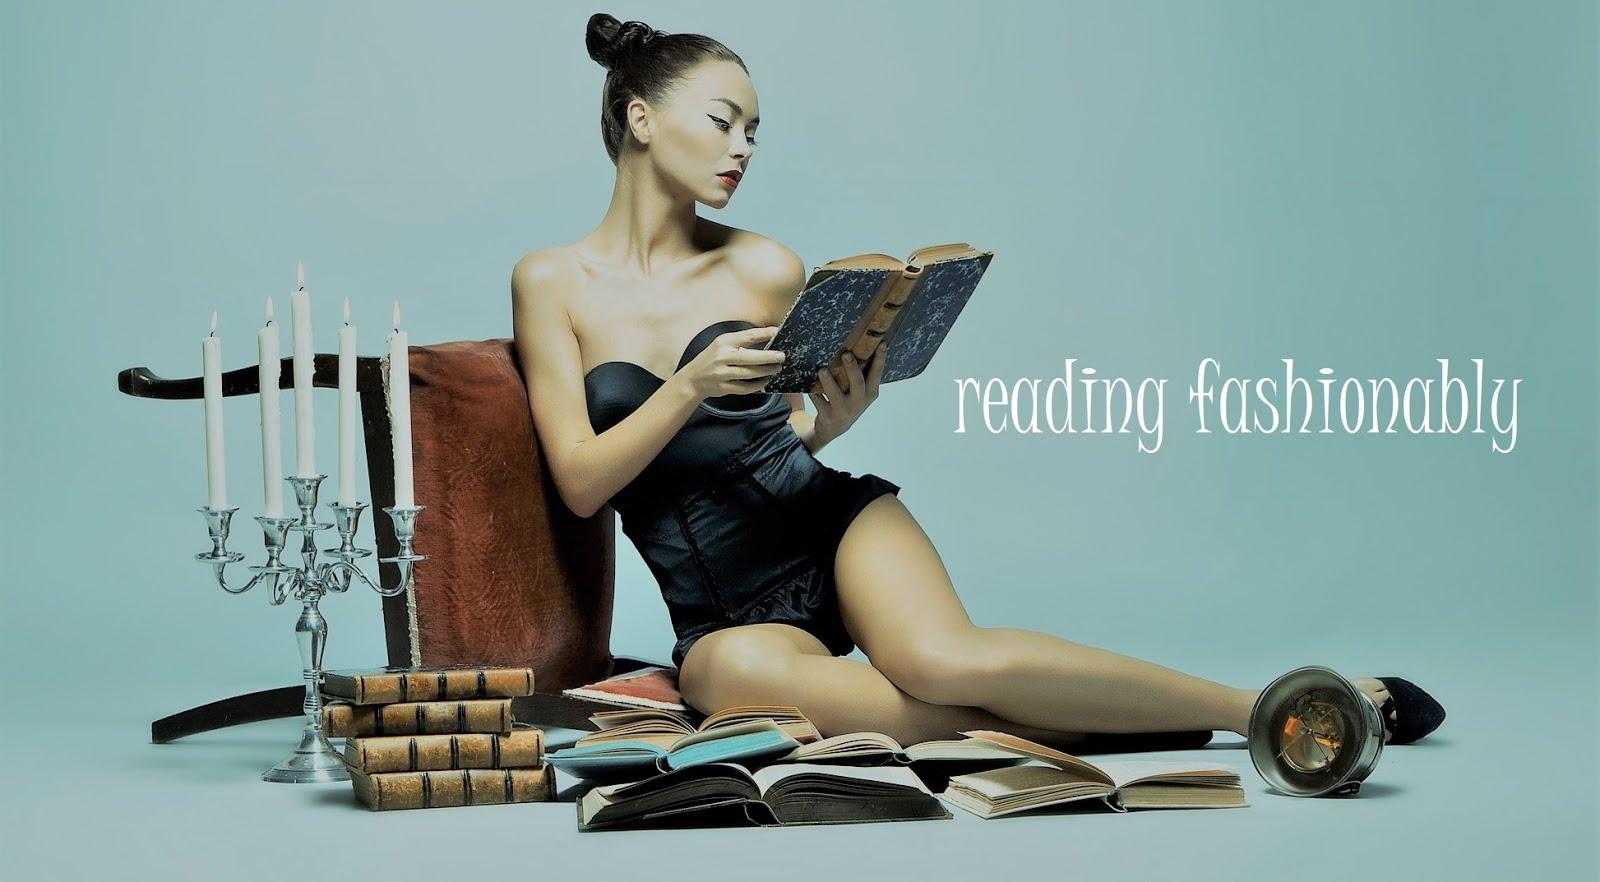 Reading Fashionably